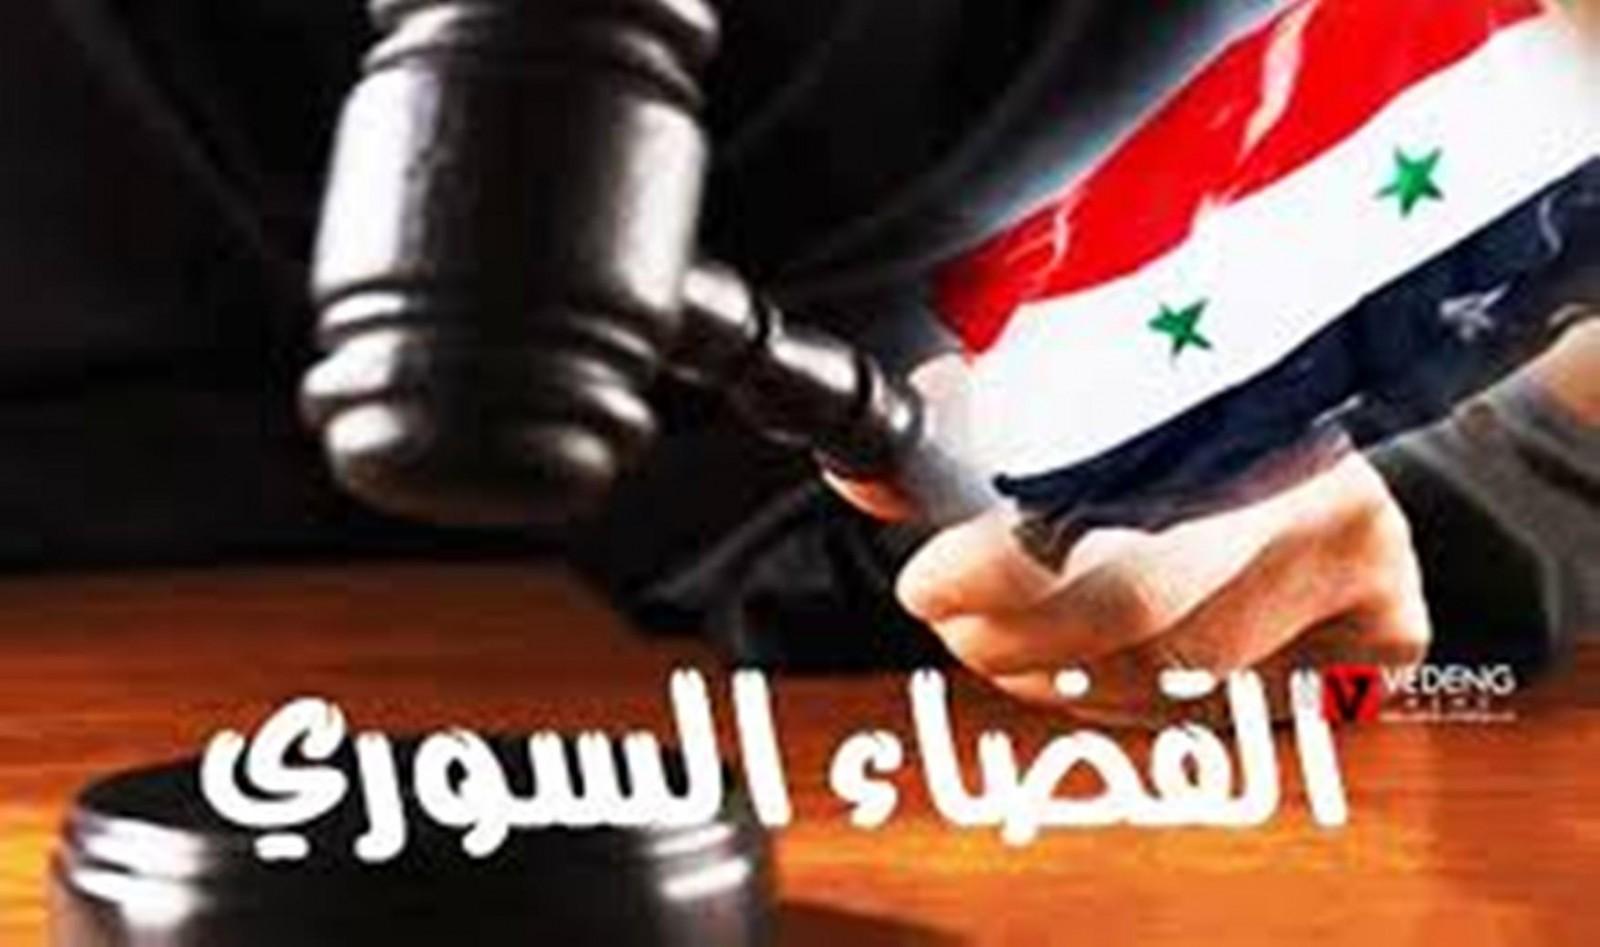 قضاة  في حكومة  النظام السوري يُحاكمون..ماهي قصتهم؟